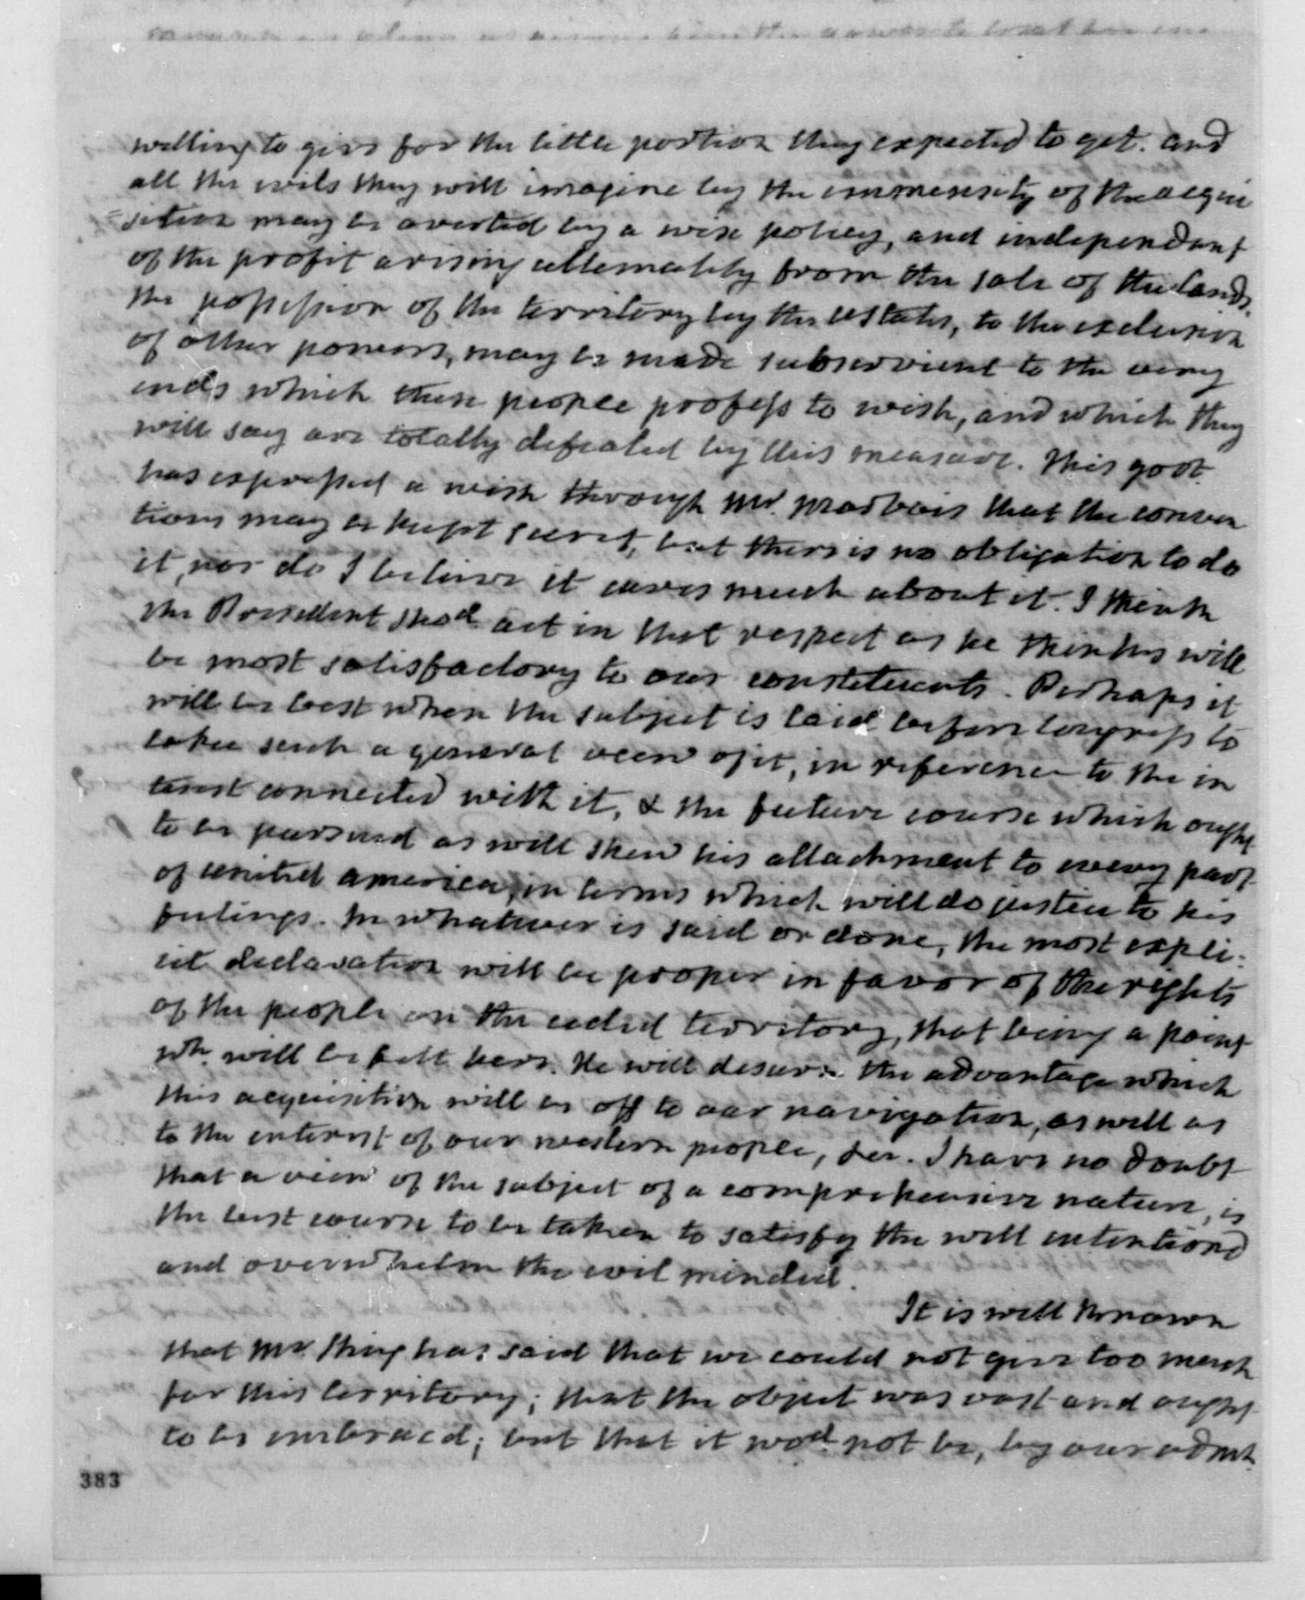 James Monroe to James Madison, May 14, 1803.